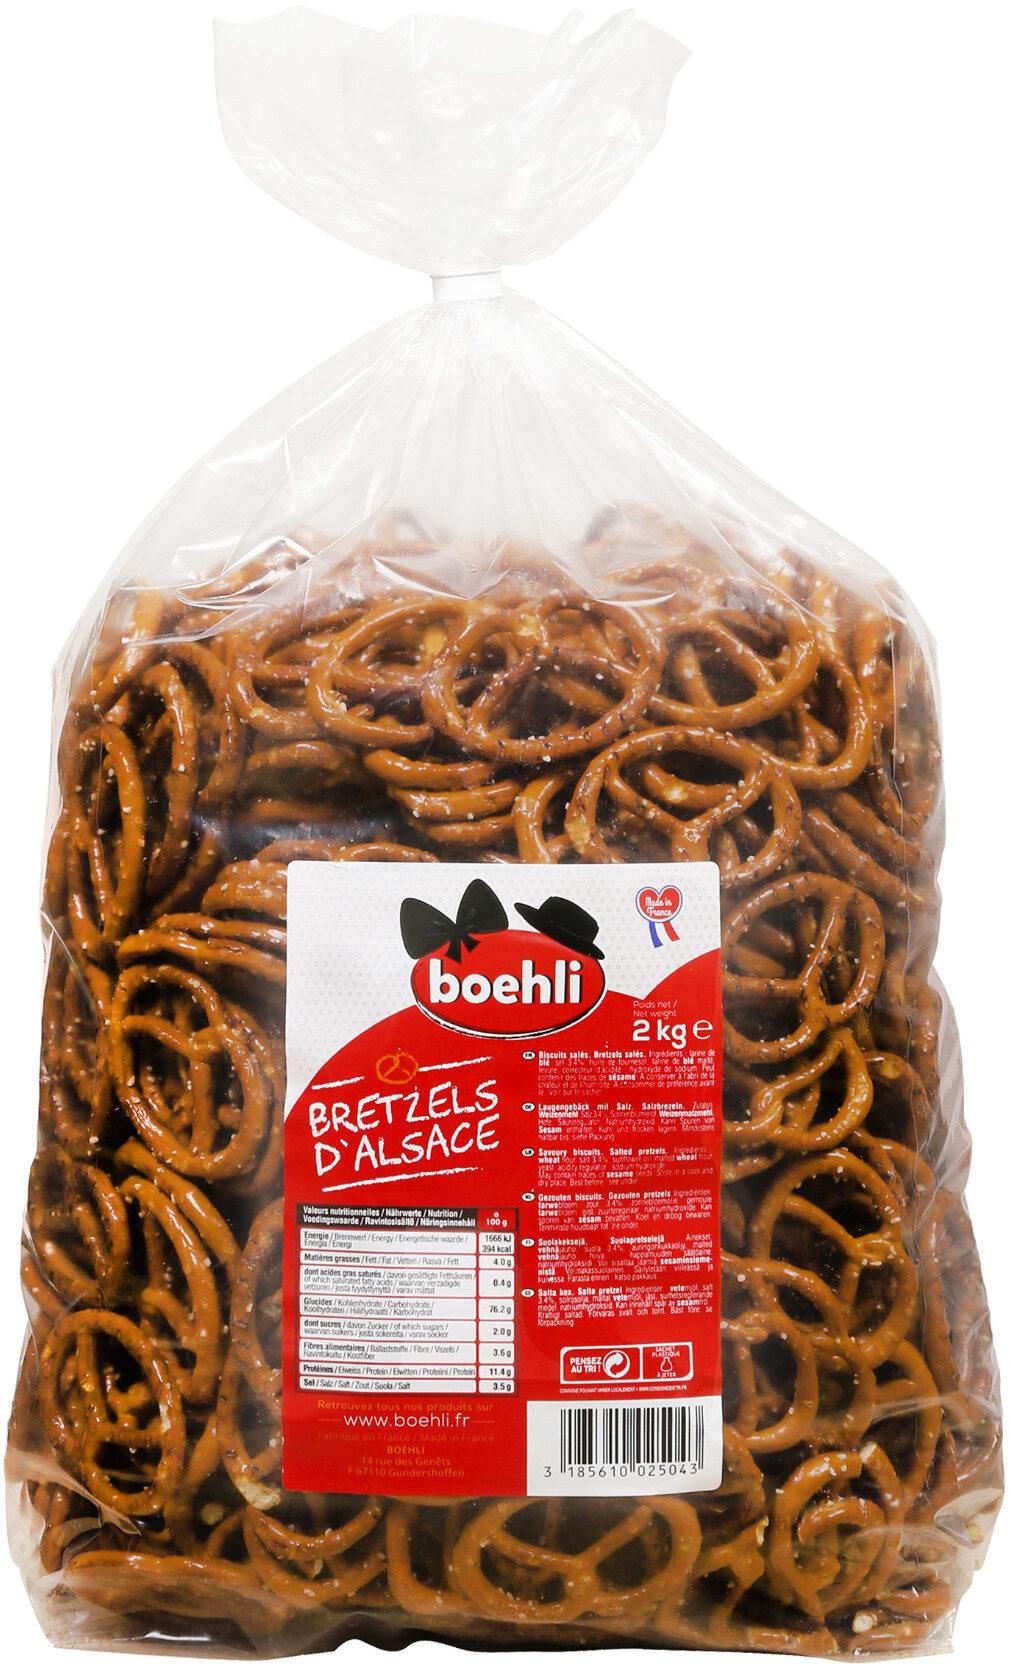 Sac bretzels moyennes - Product